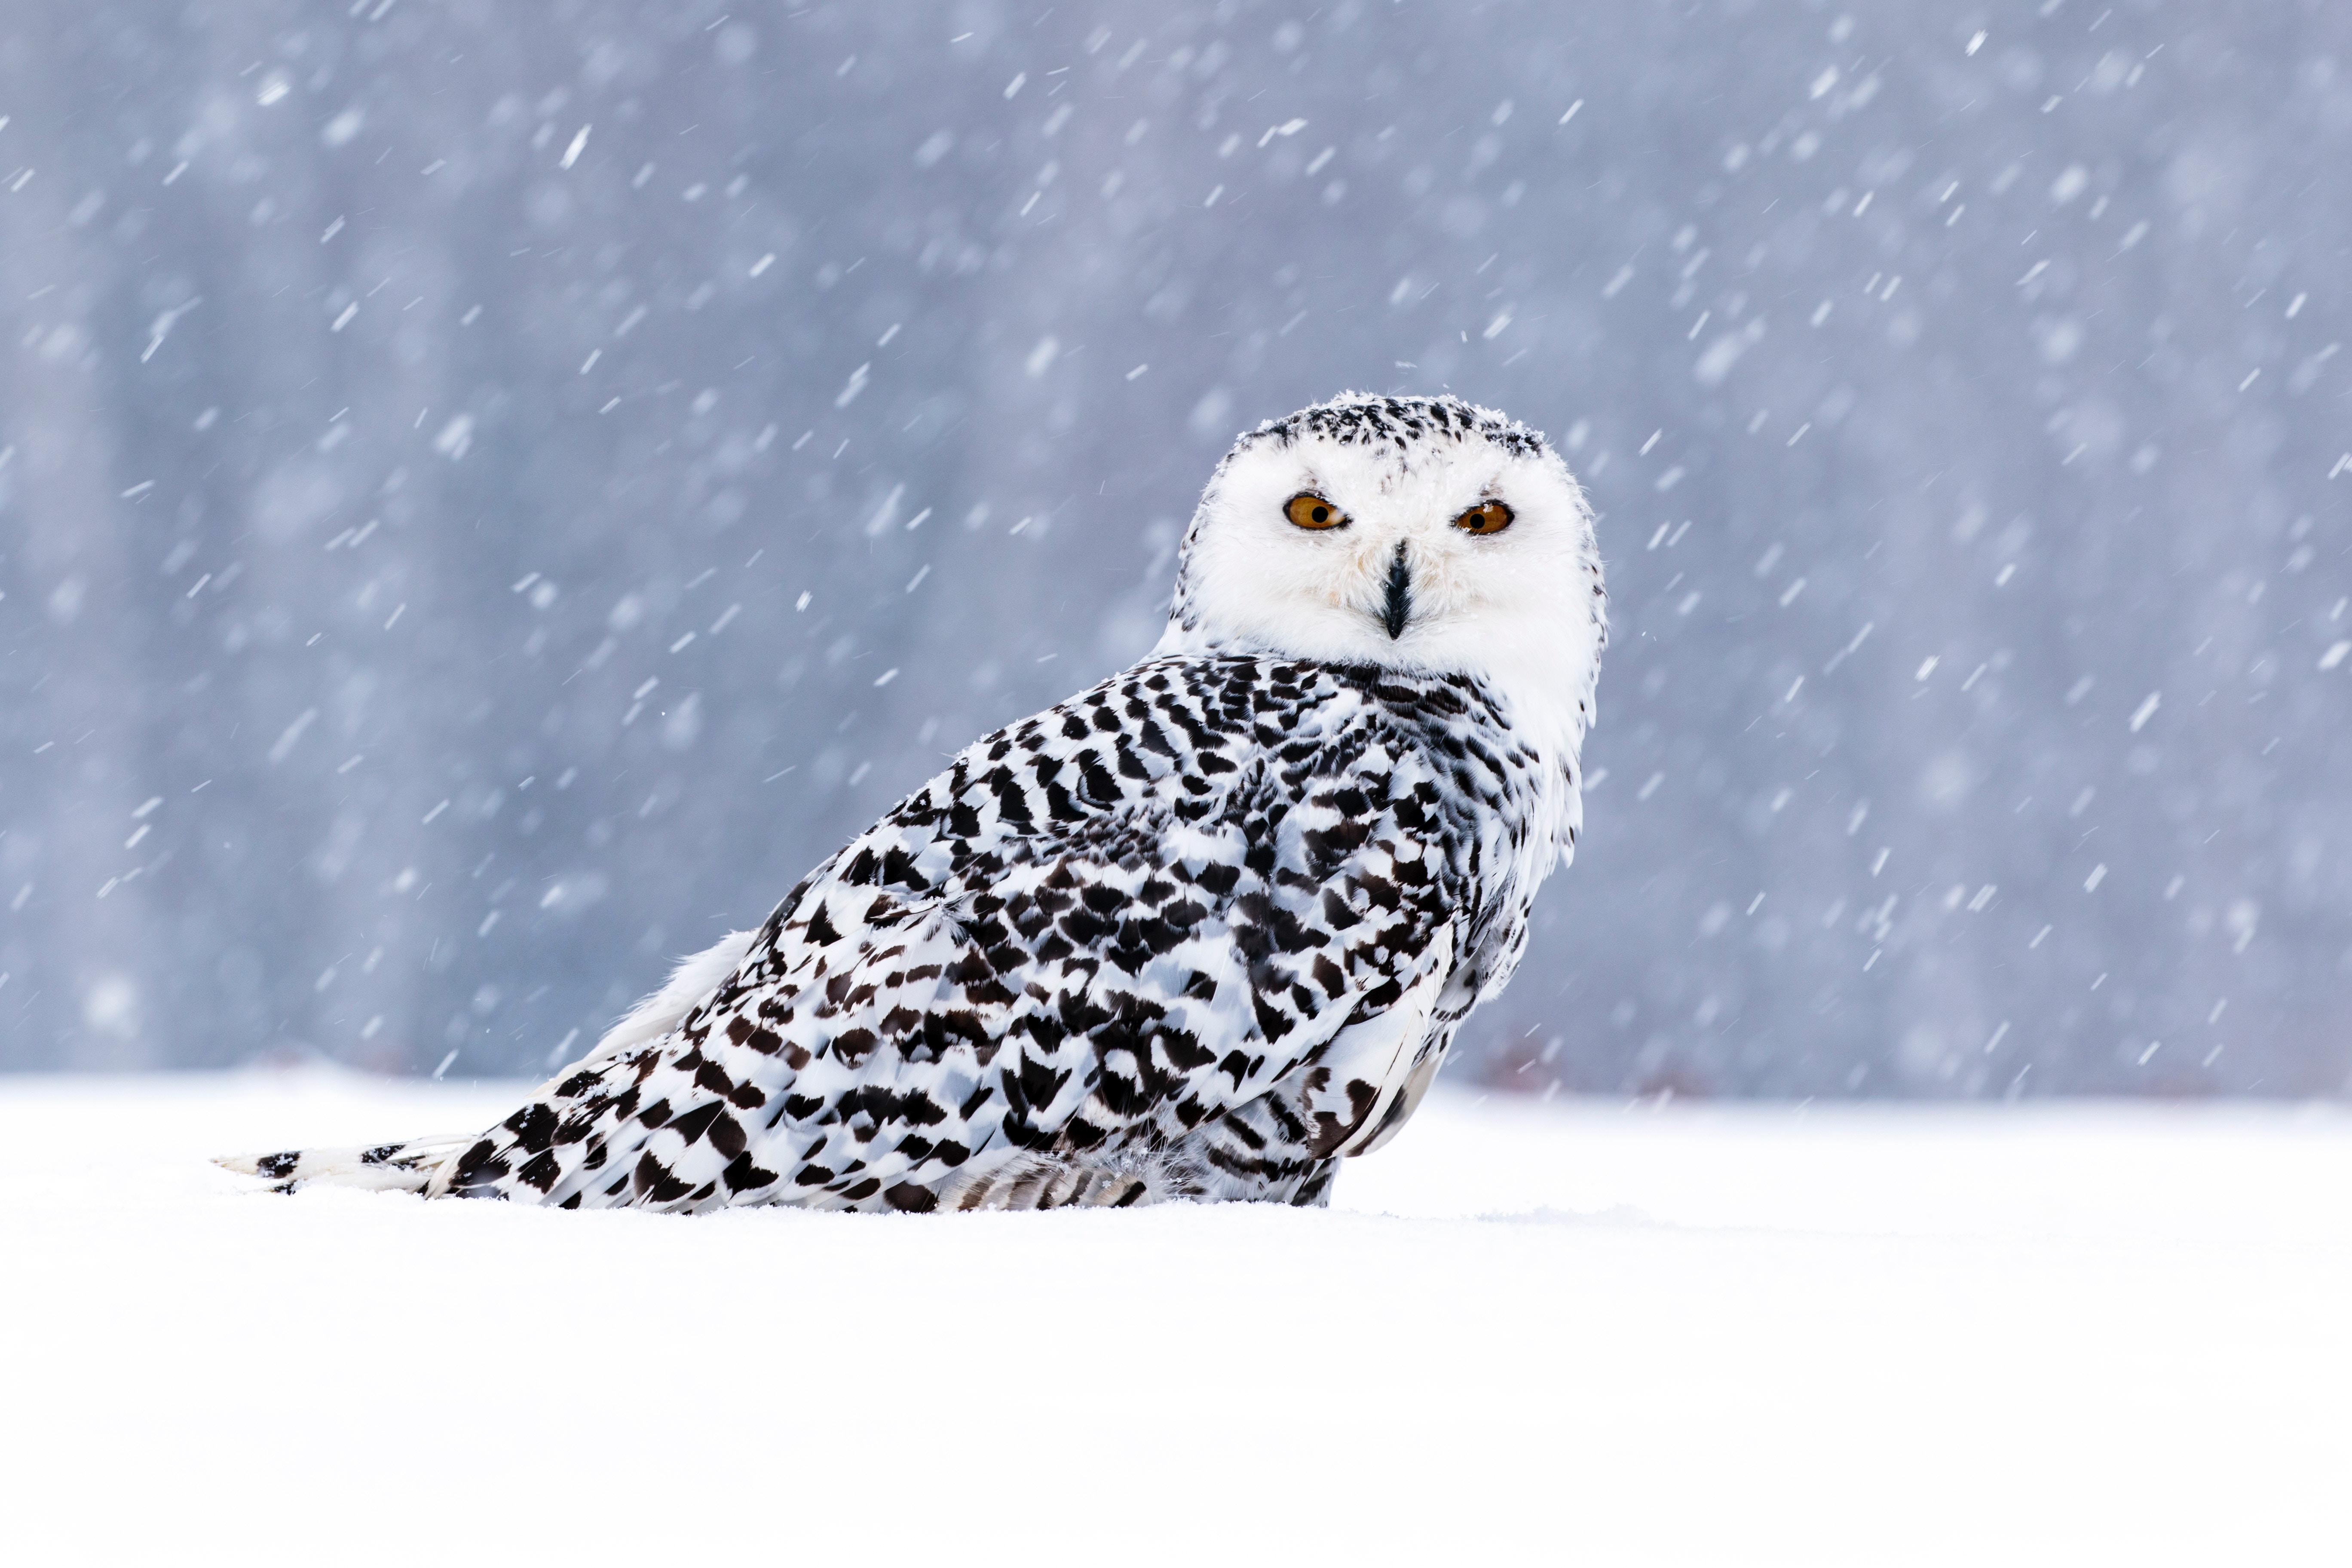 white owl in snow 1574939460 - White Owl In Snow -